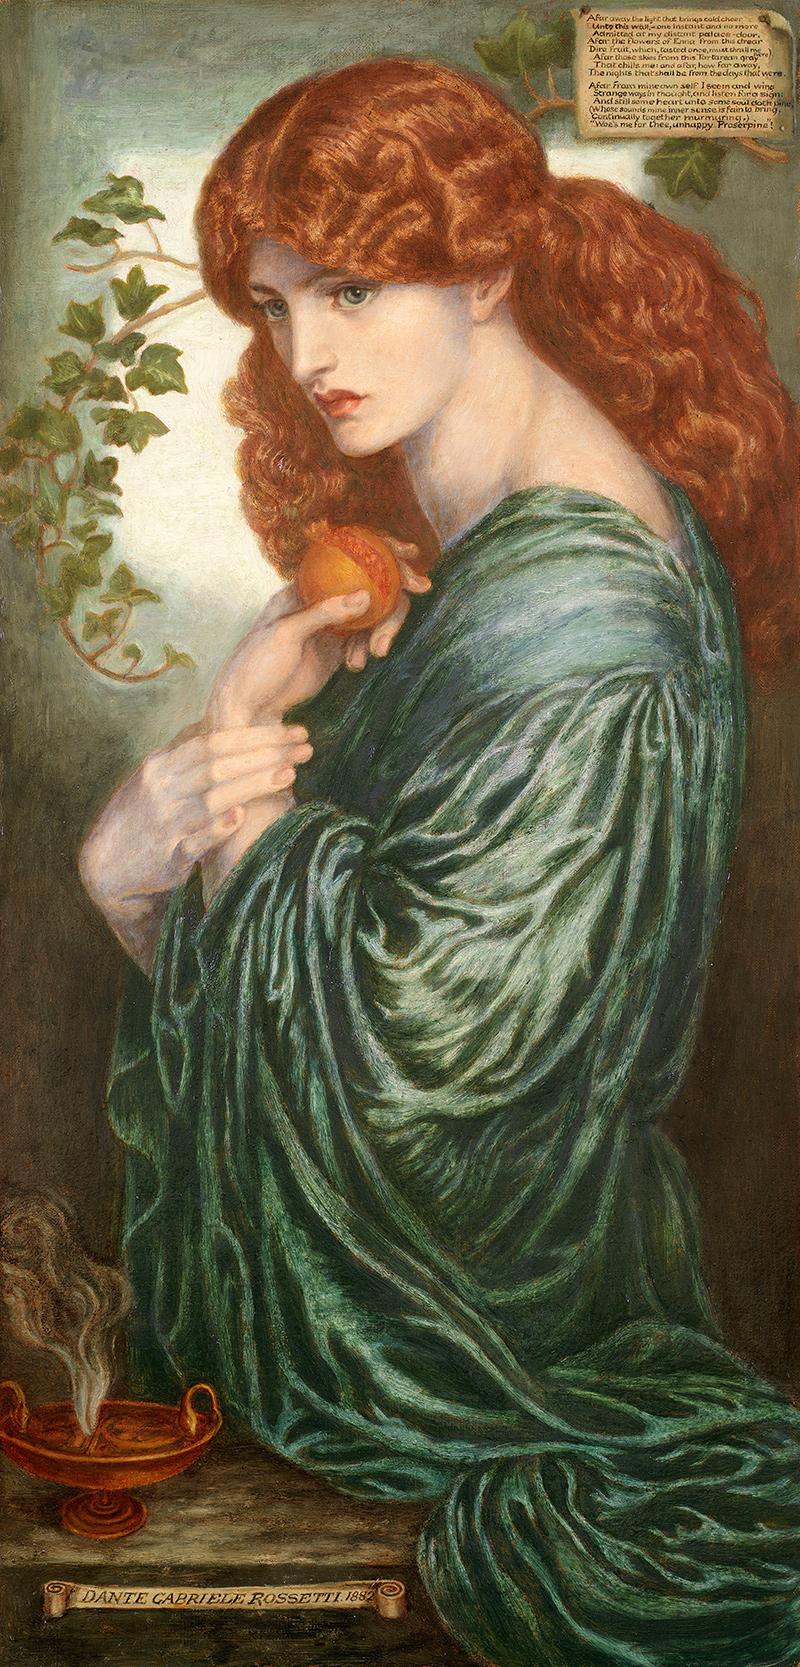 Proserpine Dante Gabriel Rossetti röm  Mythologie Göttin